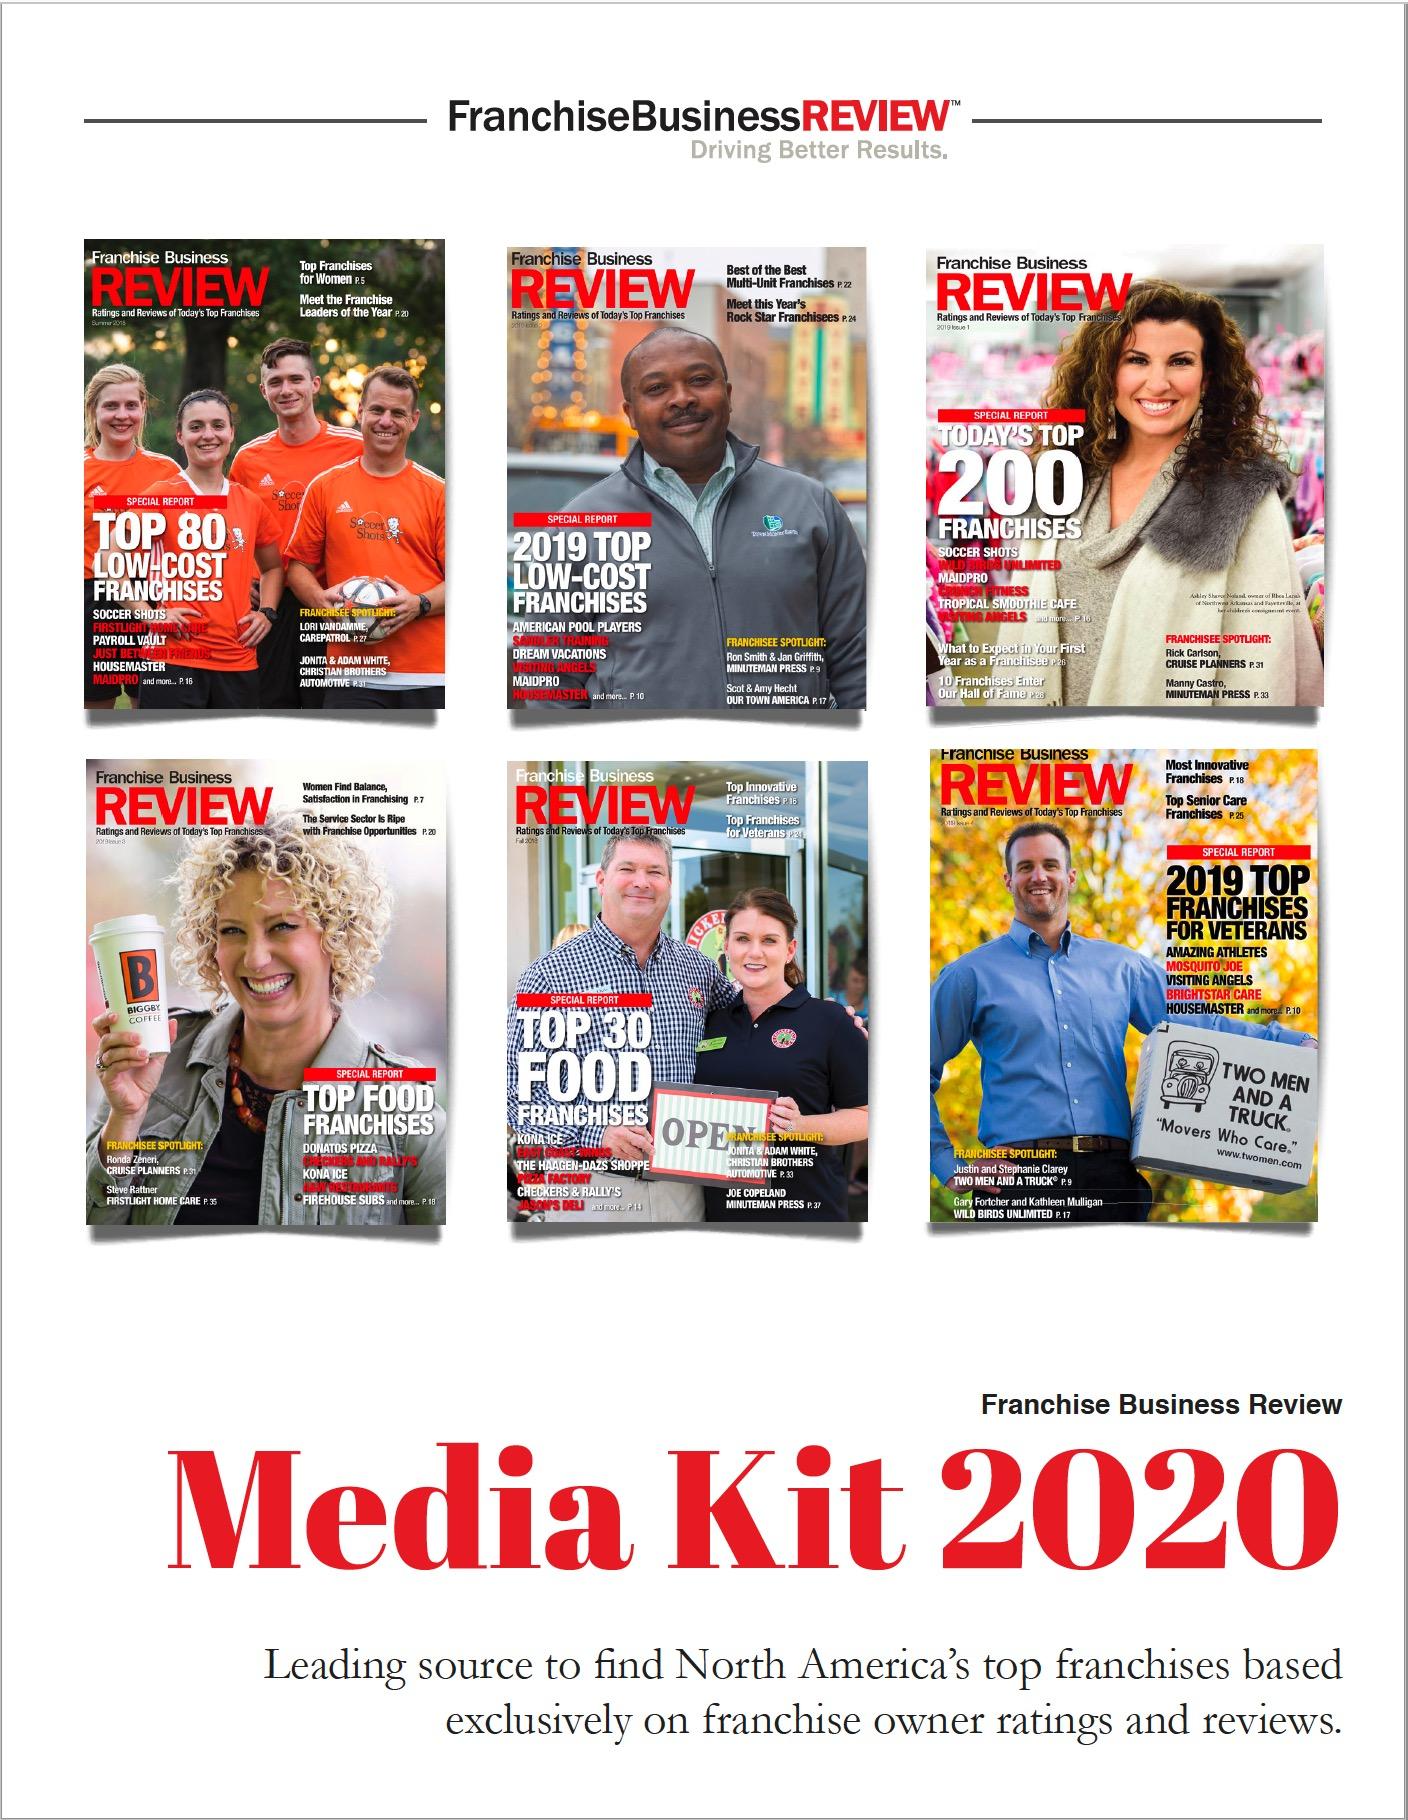 FBR 2020 Media Kit